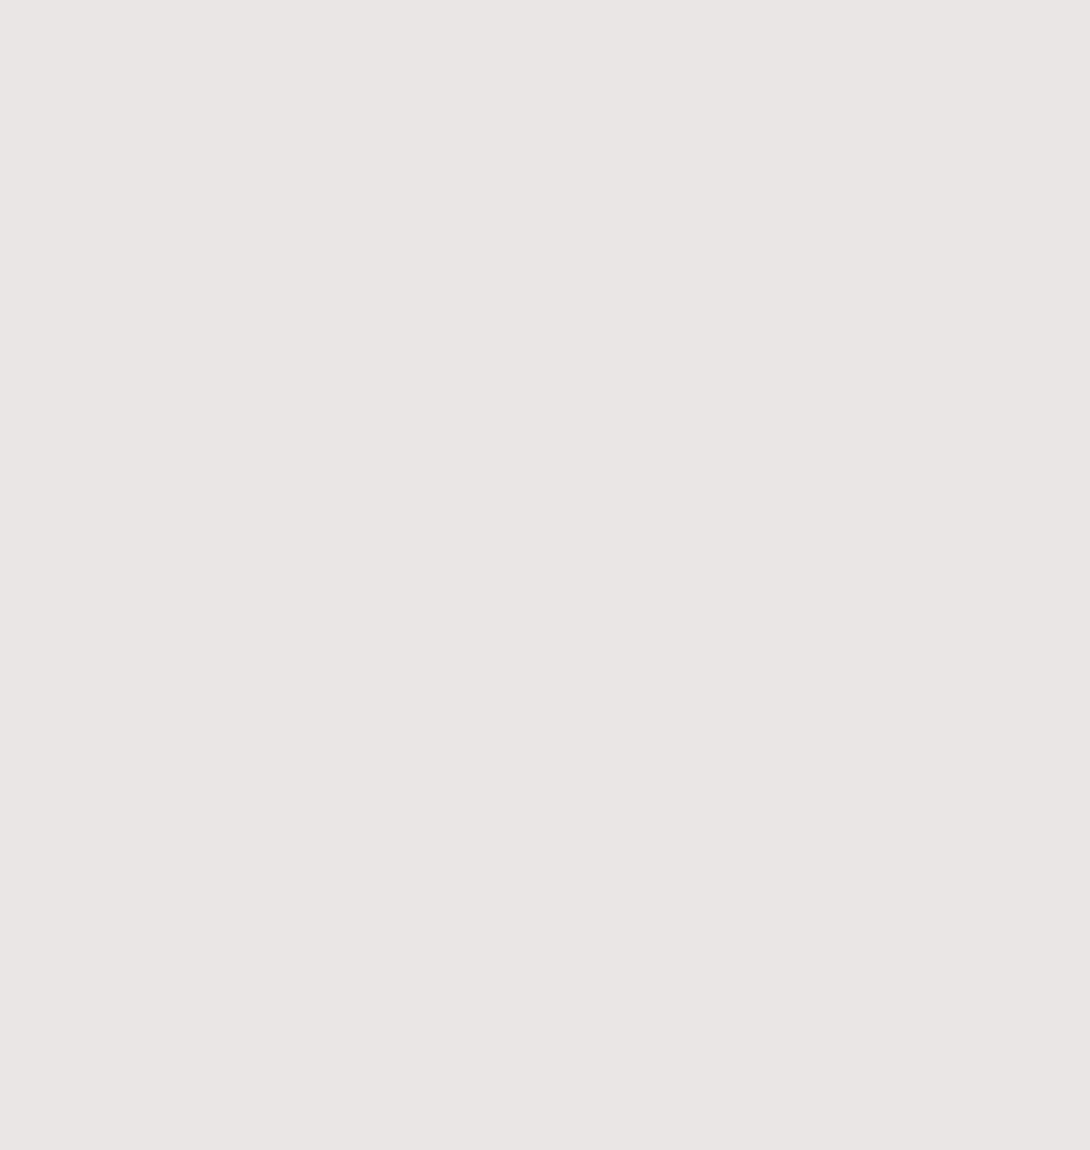 b-letter2